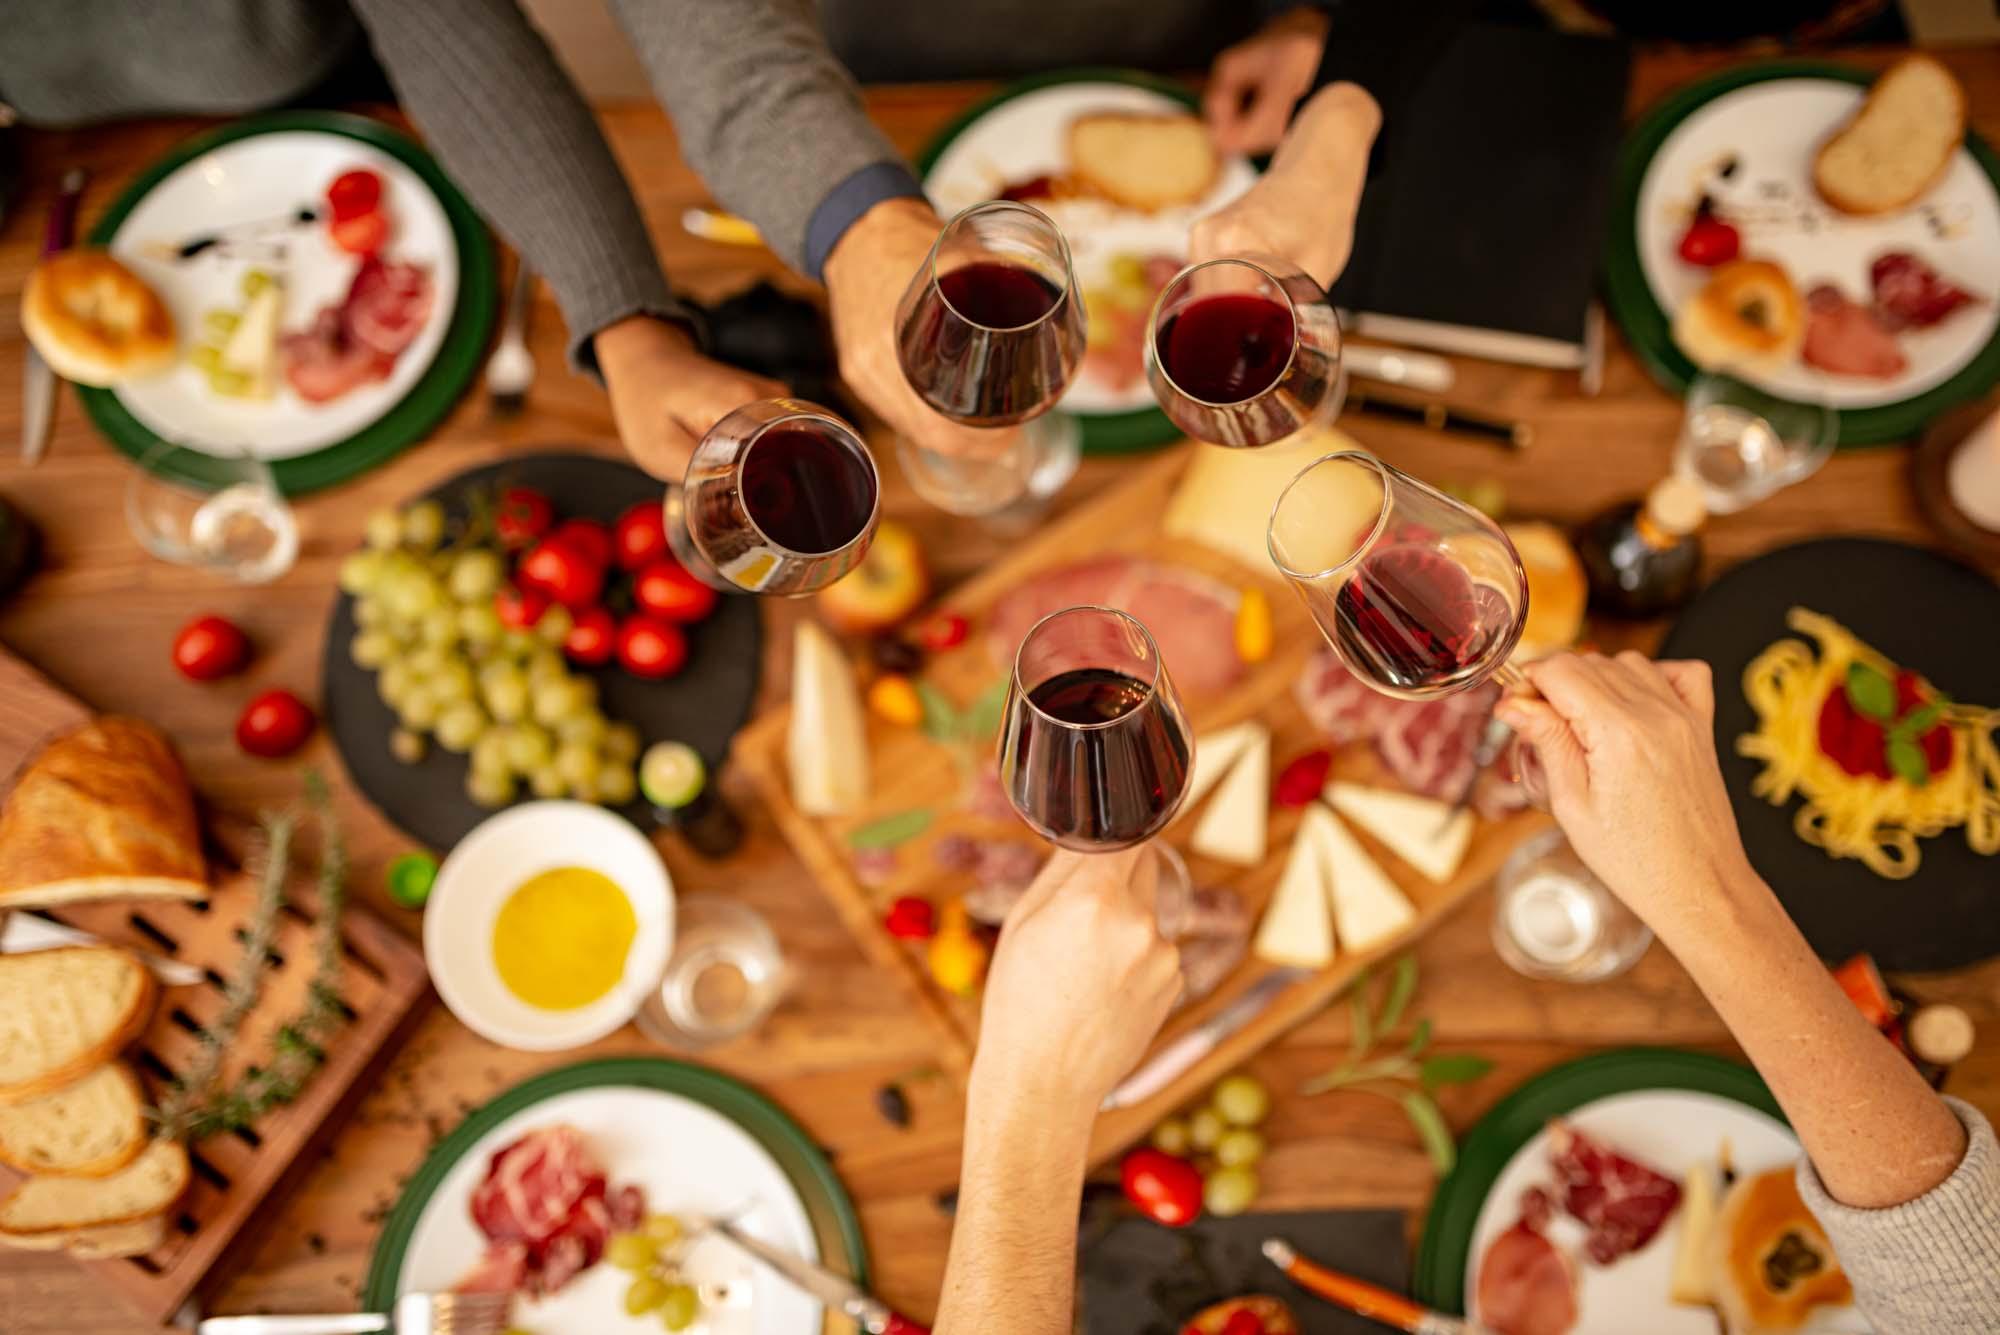 Corsi Di Cucina Formazione Manageriale a Taranto